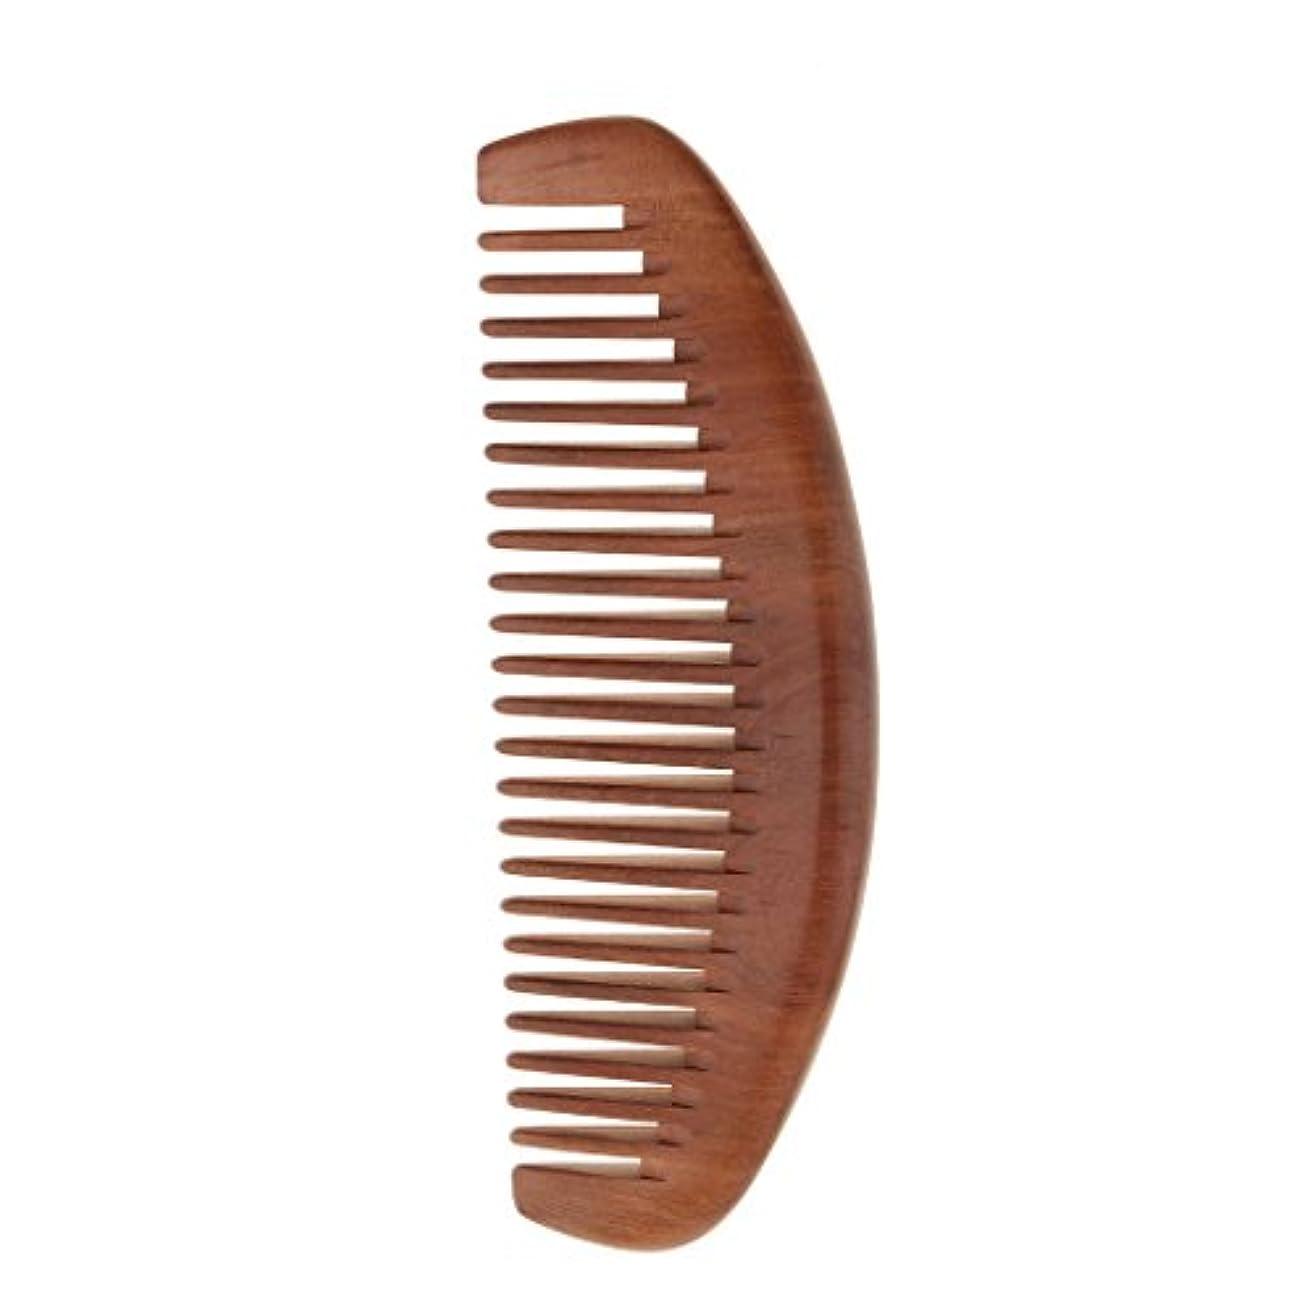 聴衆とにかく共感するDYNWAVE 櫛 セットコーム 木製 ヘアコーム ヘアケア 頭皮マッサージ 静電気防止 桃の木 全2種類 - ワイド歯